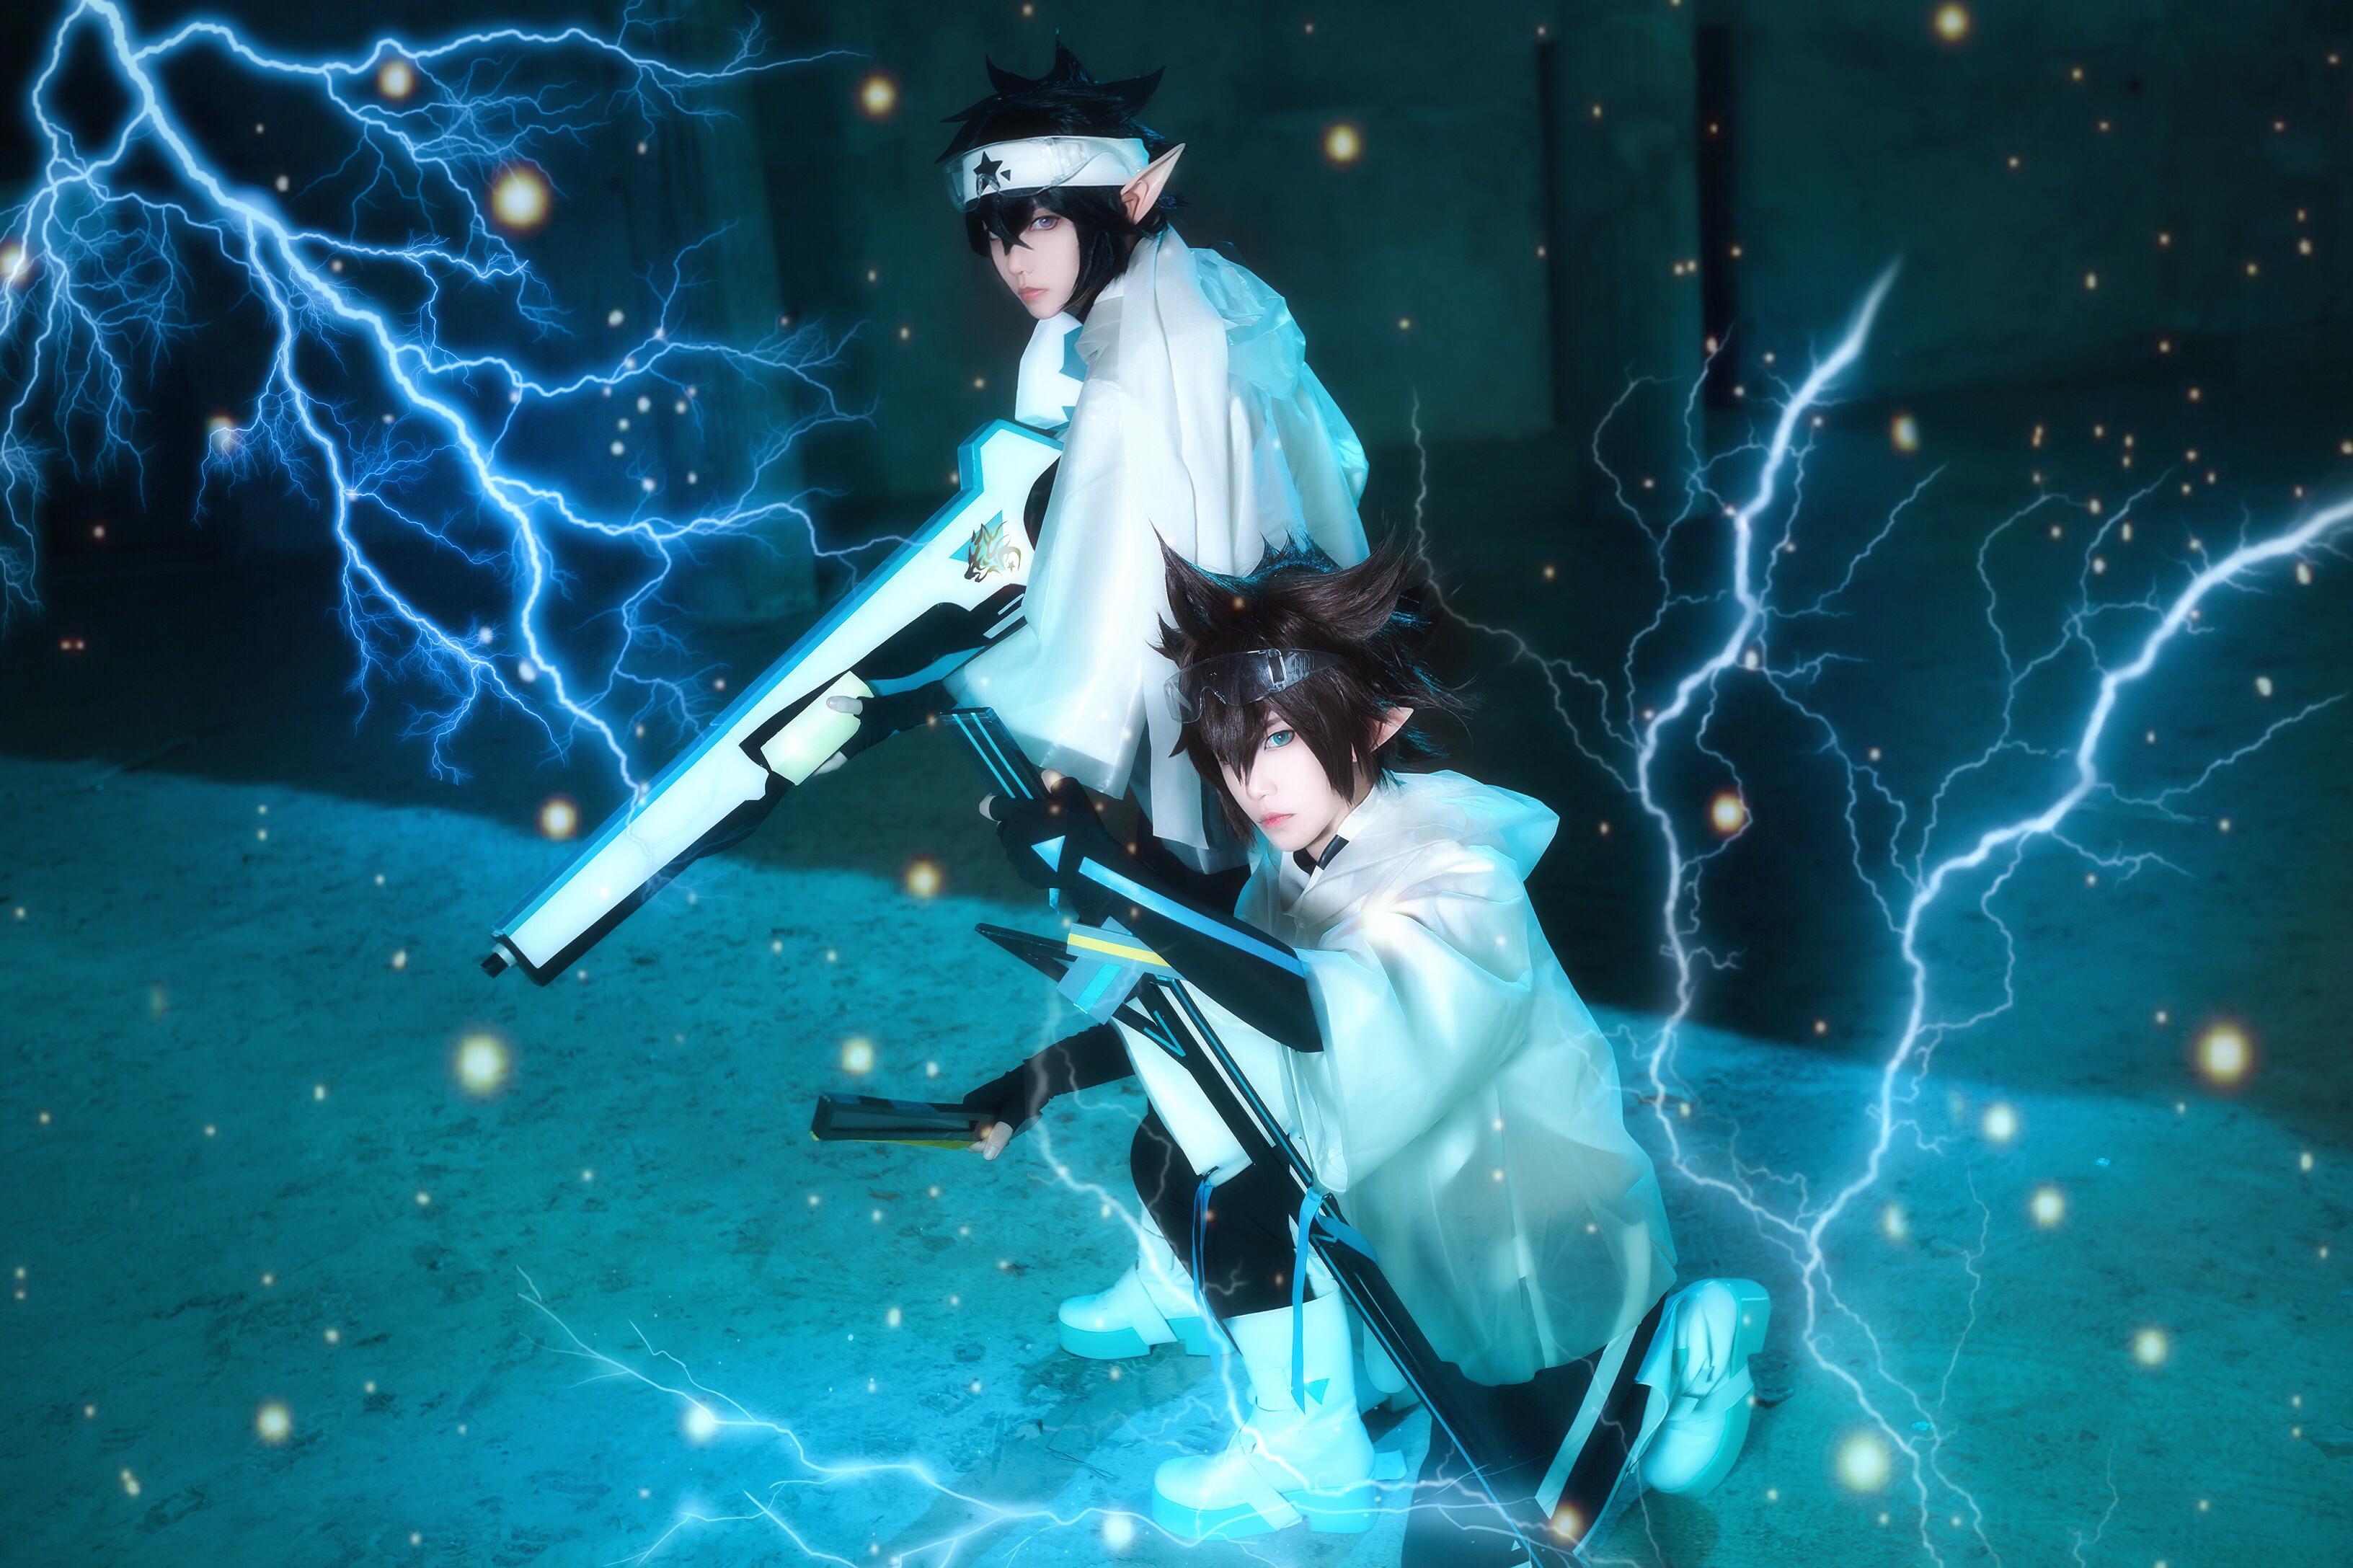 《凹凸世界》正片cosplay【CN:藤川.】-第2张